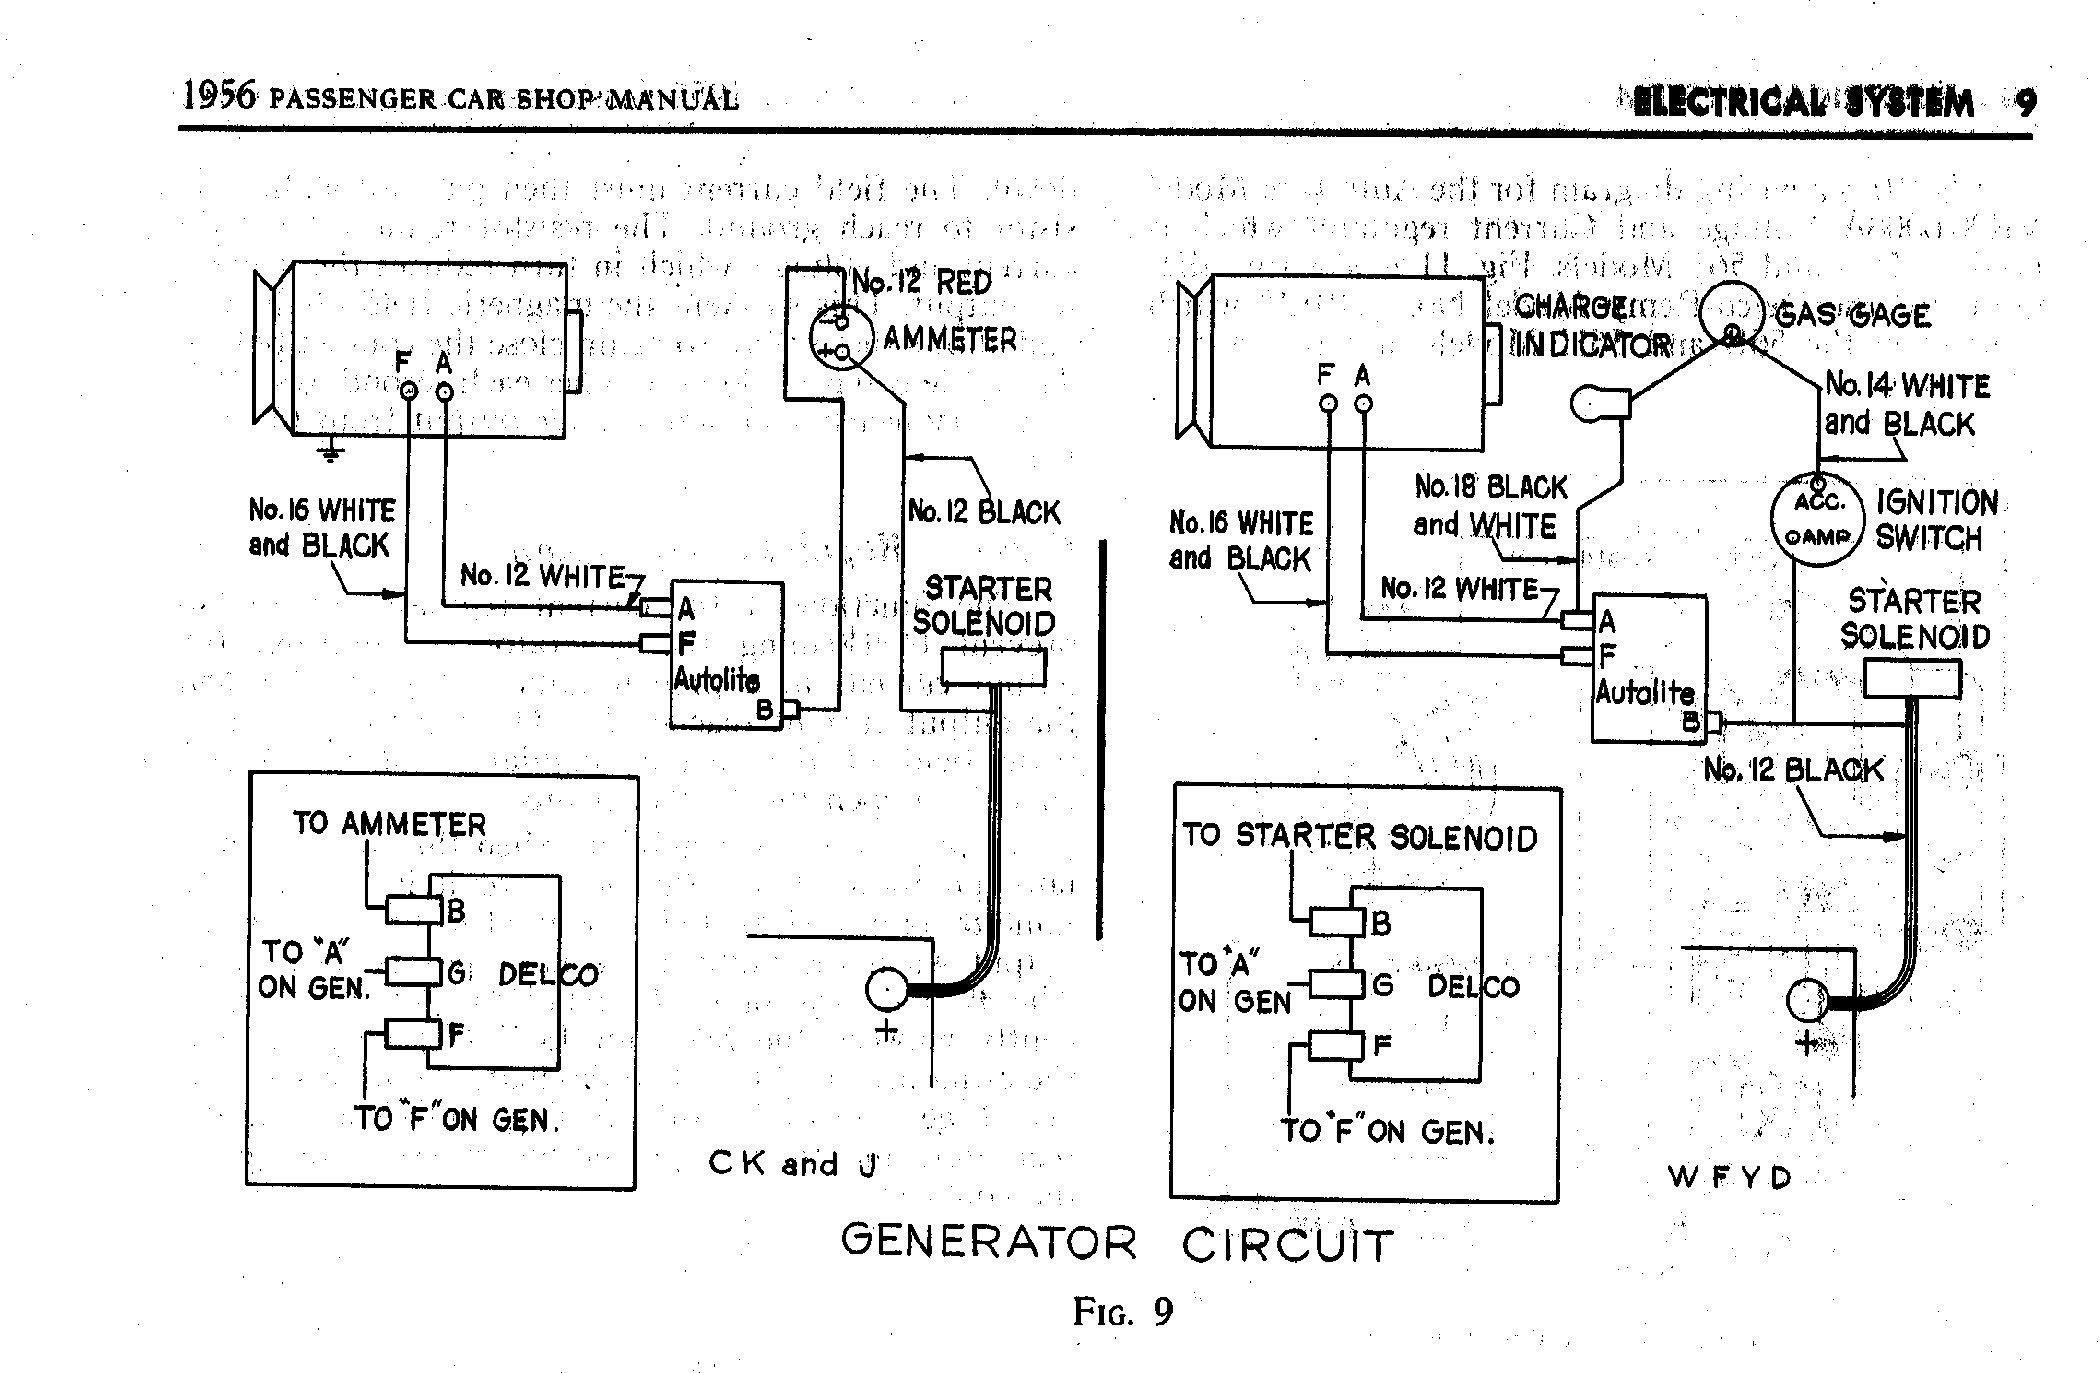 1974 International Harvester Wiring Diagram - Mazda Xedos 6 Wiring Diagram  - jeepe-jimny.yenpancane.jeanjaures37.frWiring Diagram Resource